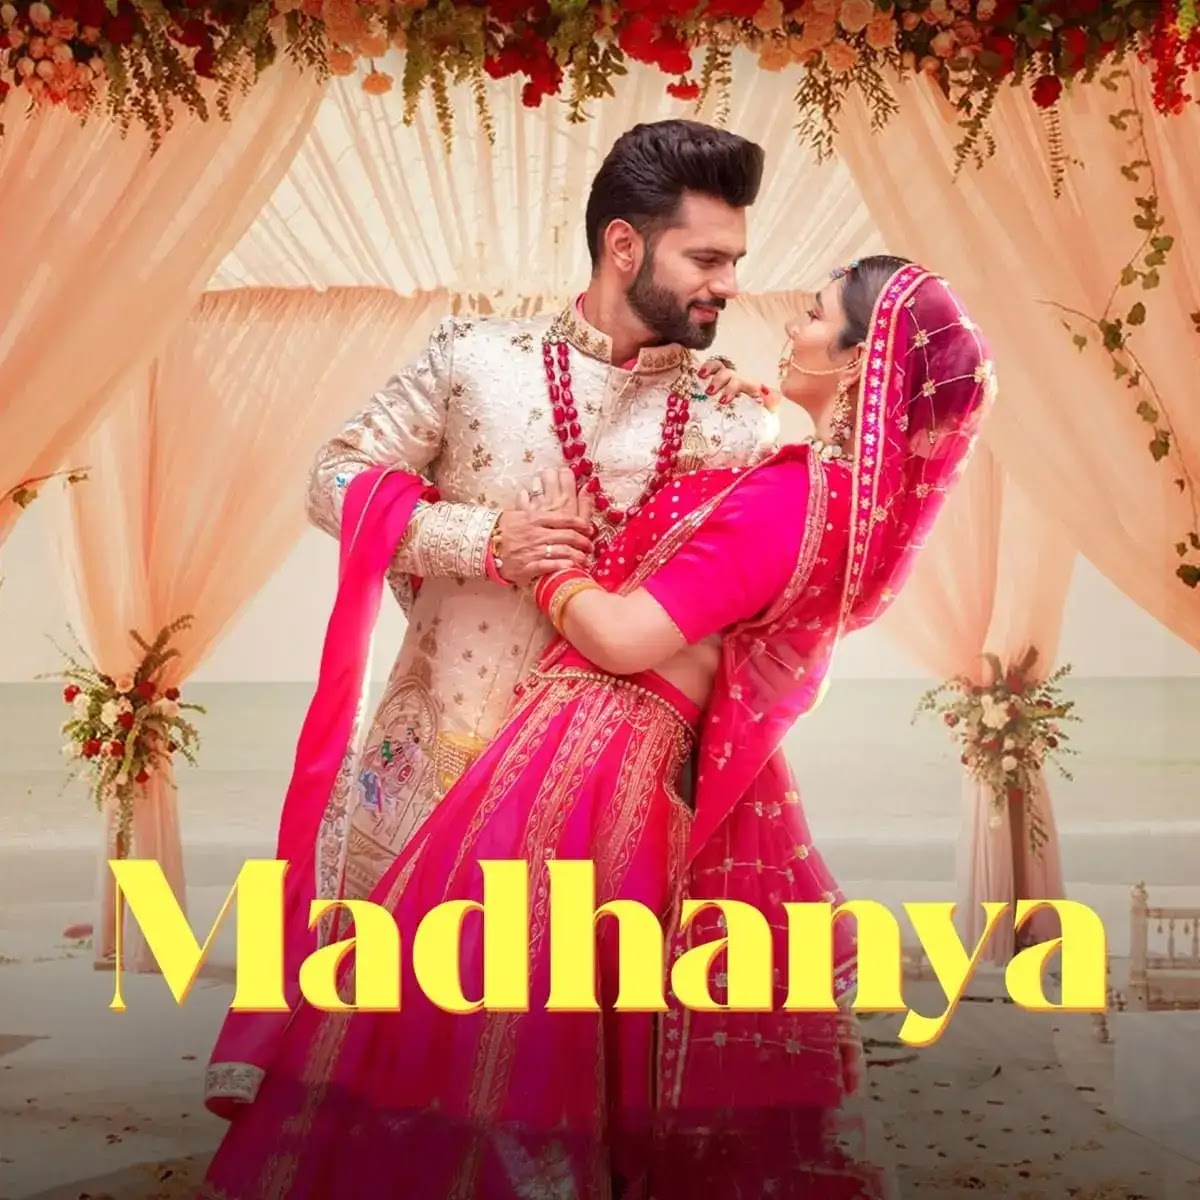 Madhanya Asees Kaur MP3 Song Download